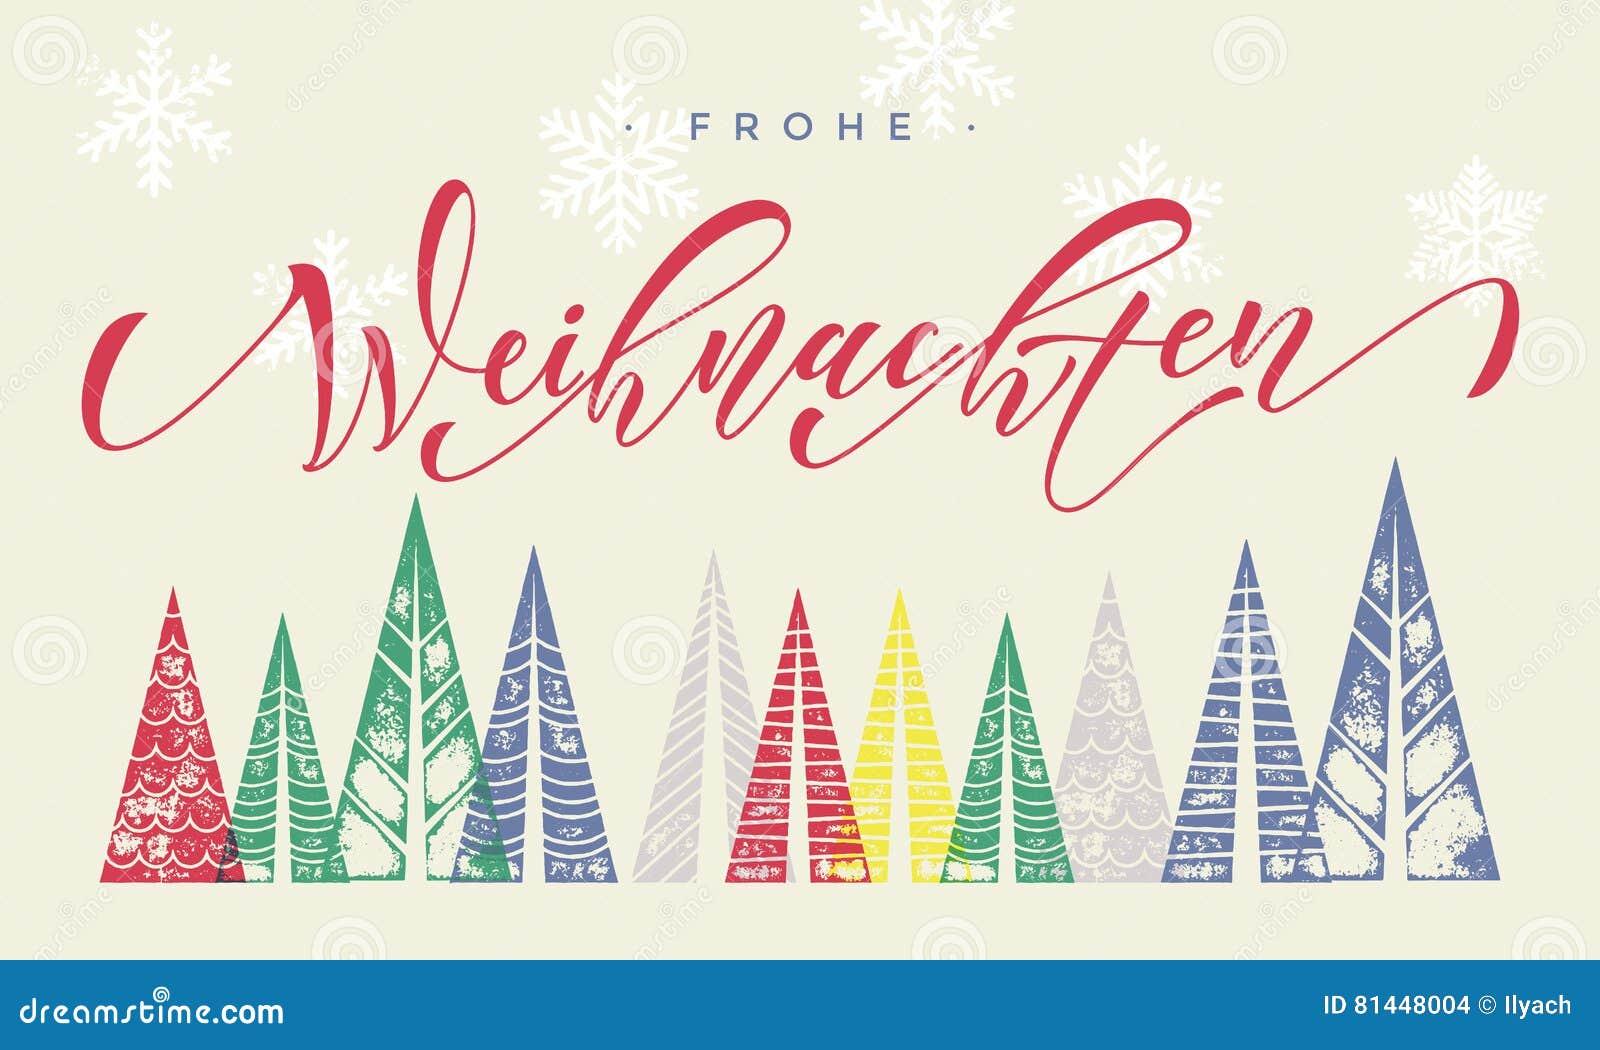 Frohe Weihnachten Aus Deutschland.Grusskartentext Winterurlaubs Frohe Weihnachten Deutscher